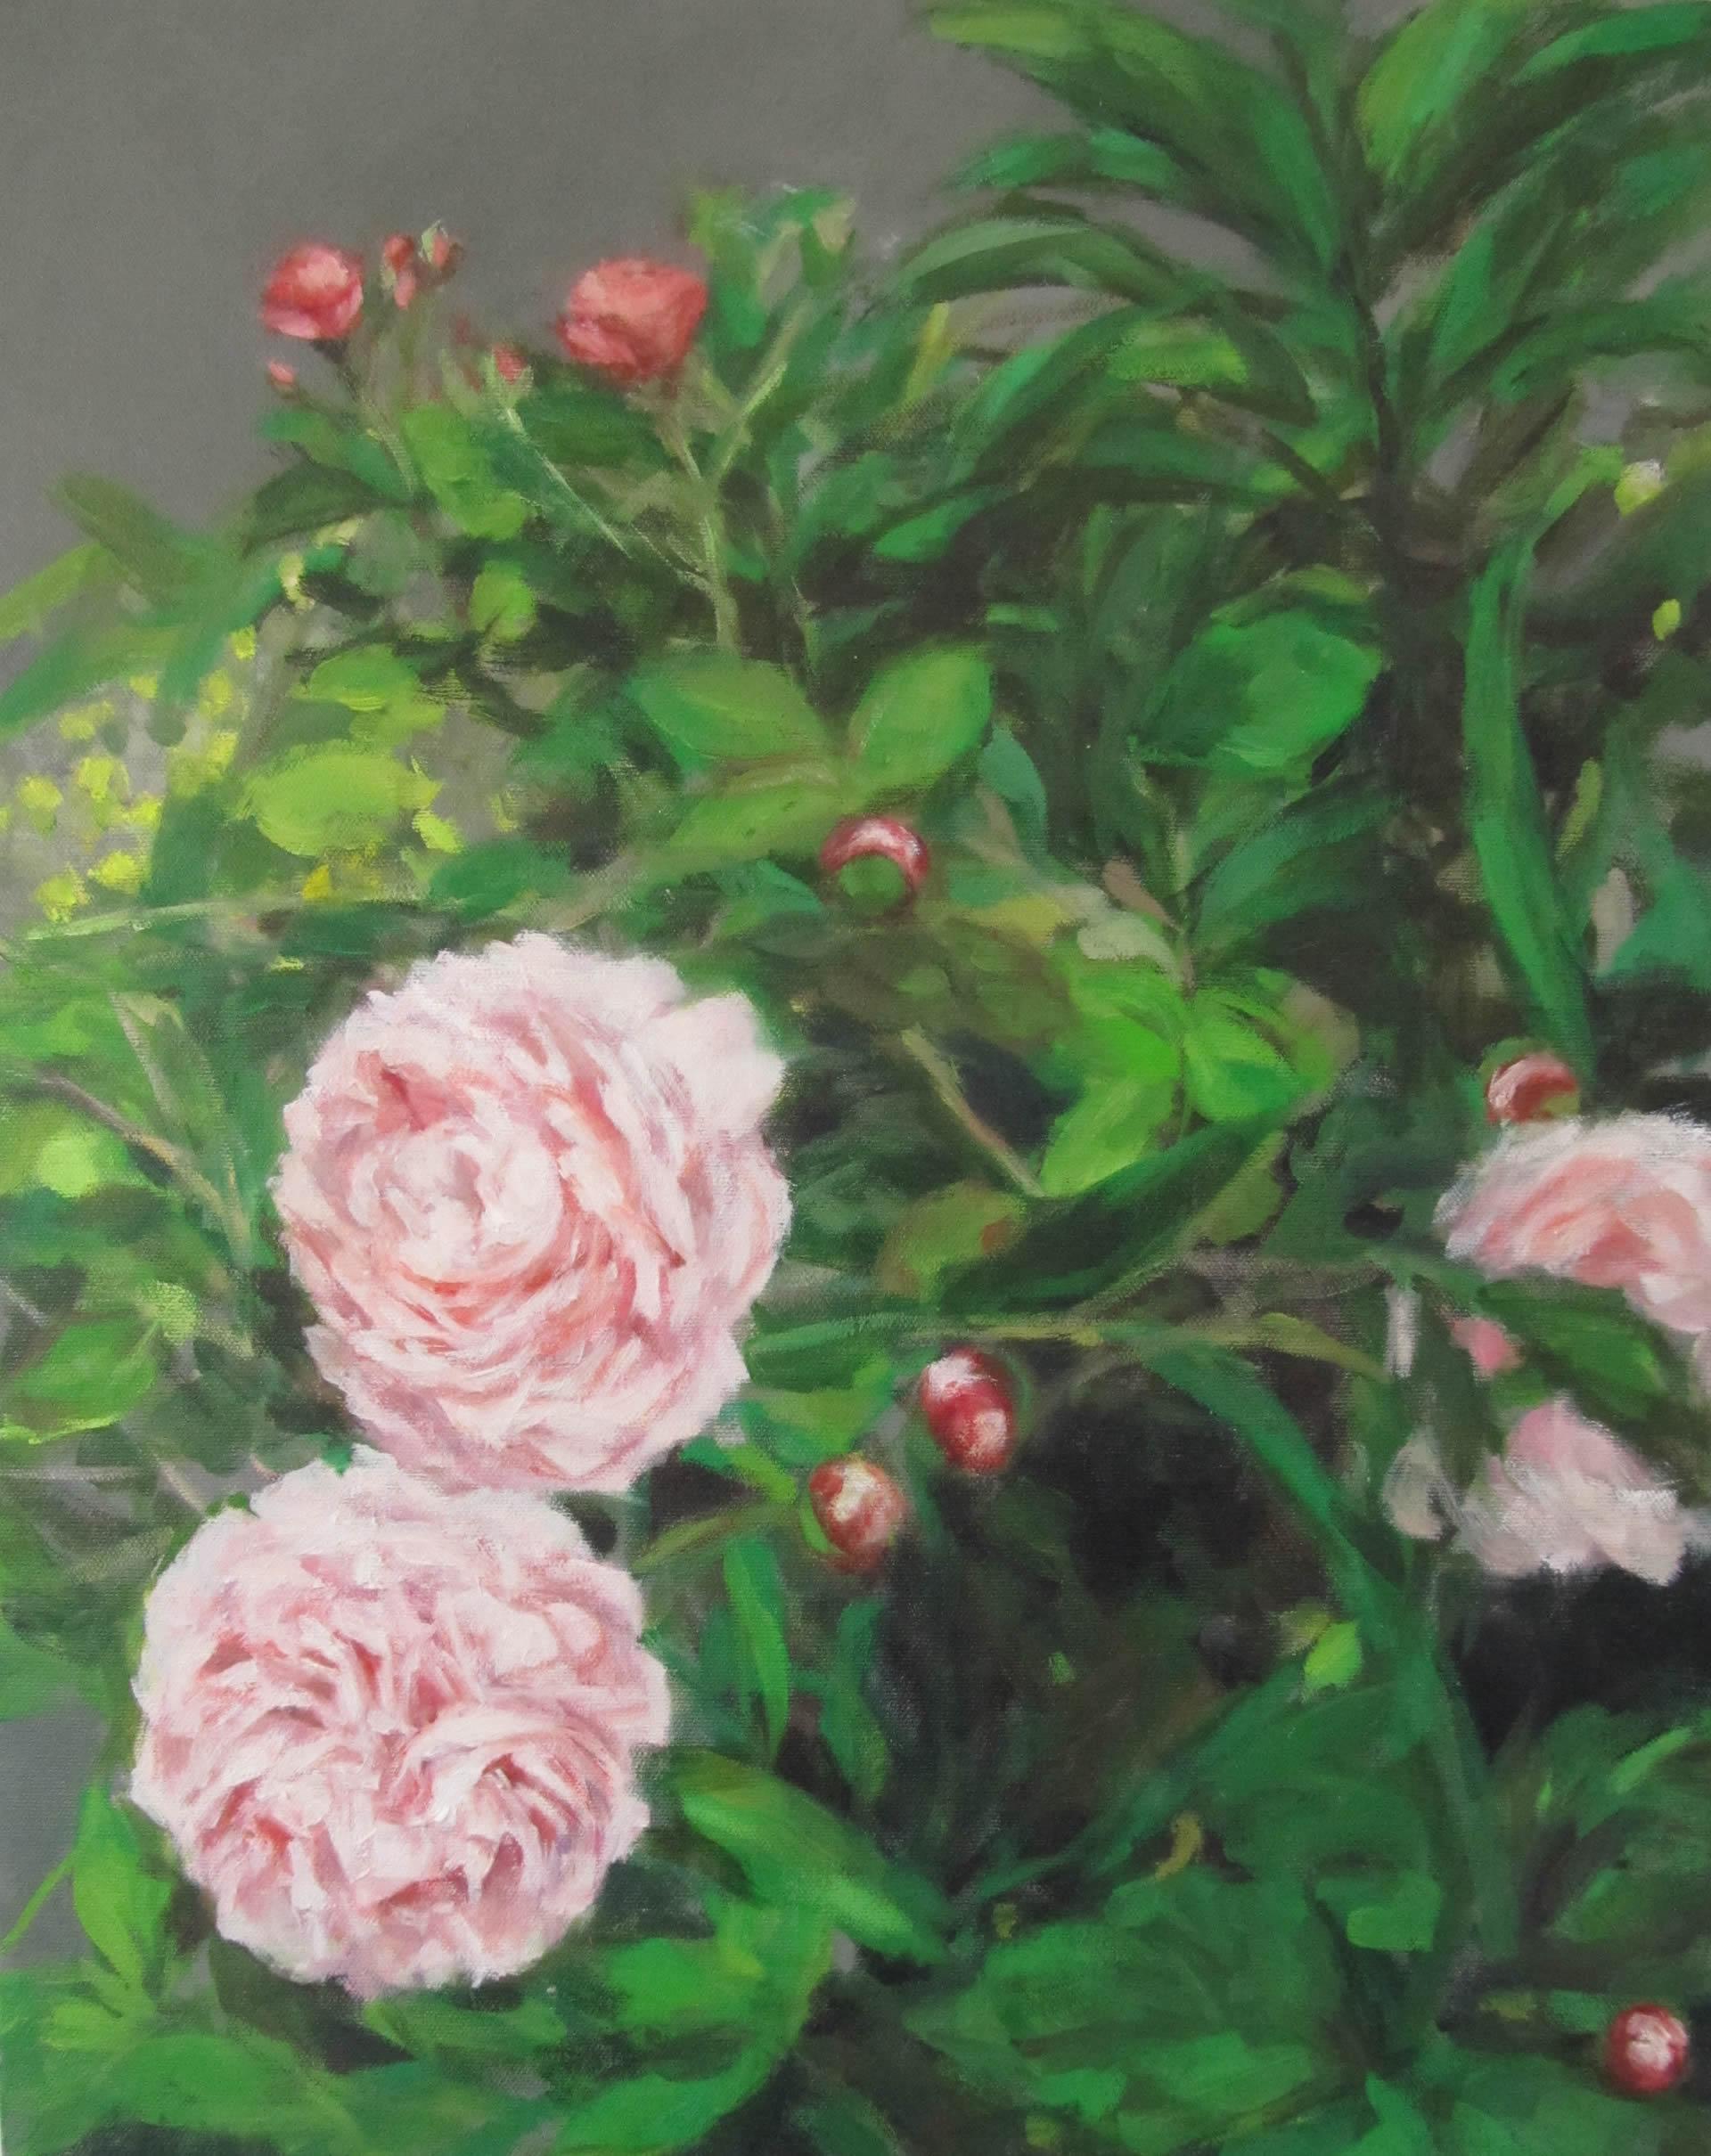 Eri-Ishii-Peonies-In-Garden-20x16-Online-Art-Galleries